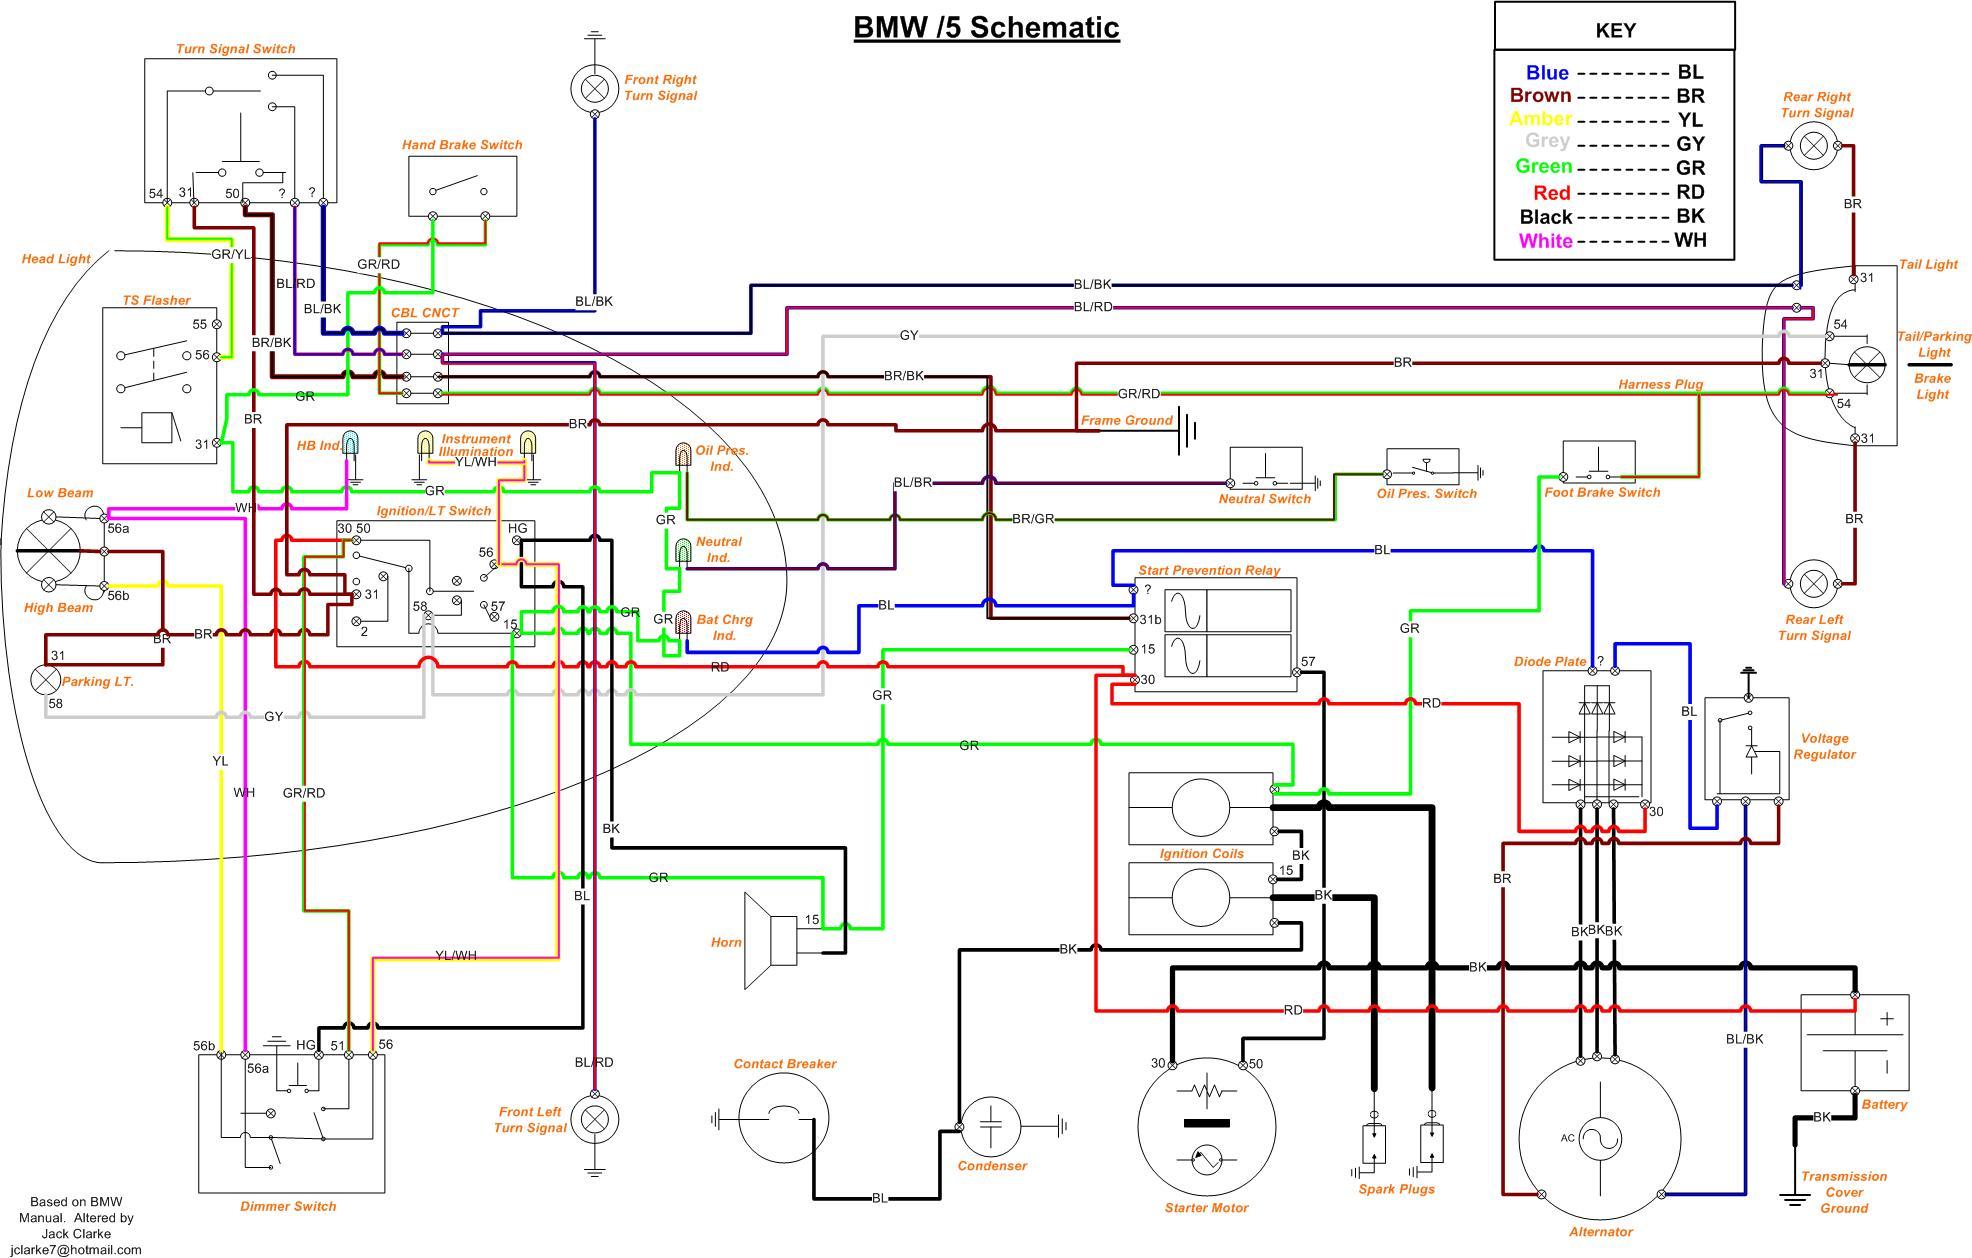 2008 bmw k motorcycle wiring diagram